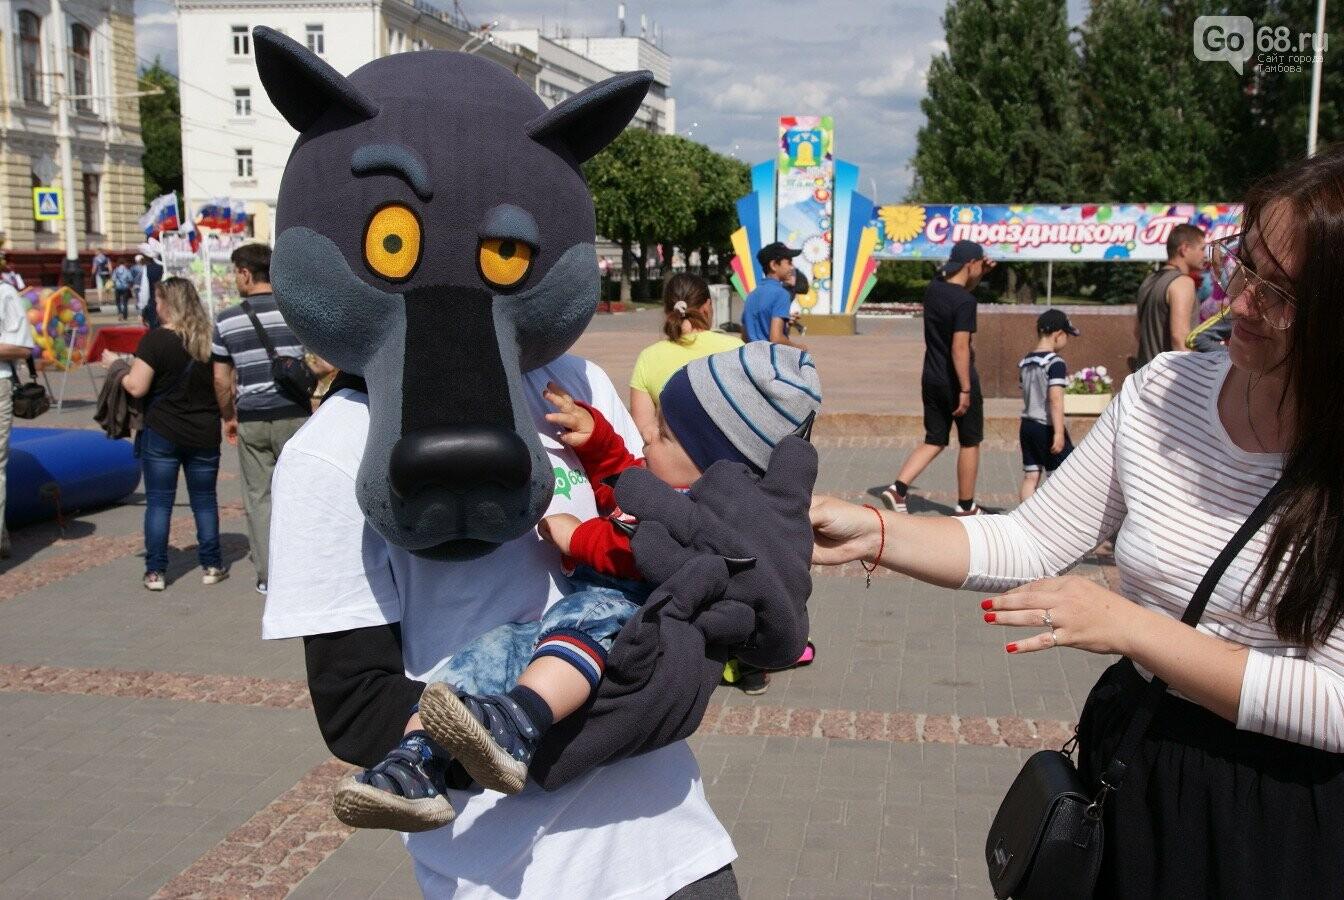 В День города тамбовский волк и портал Go68 вышли на фотоохоту, фото-3